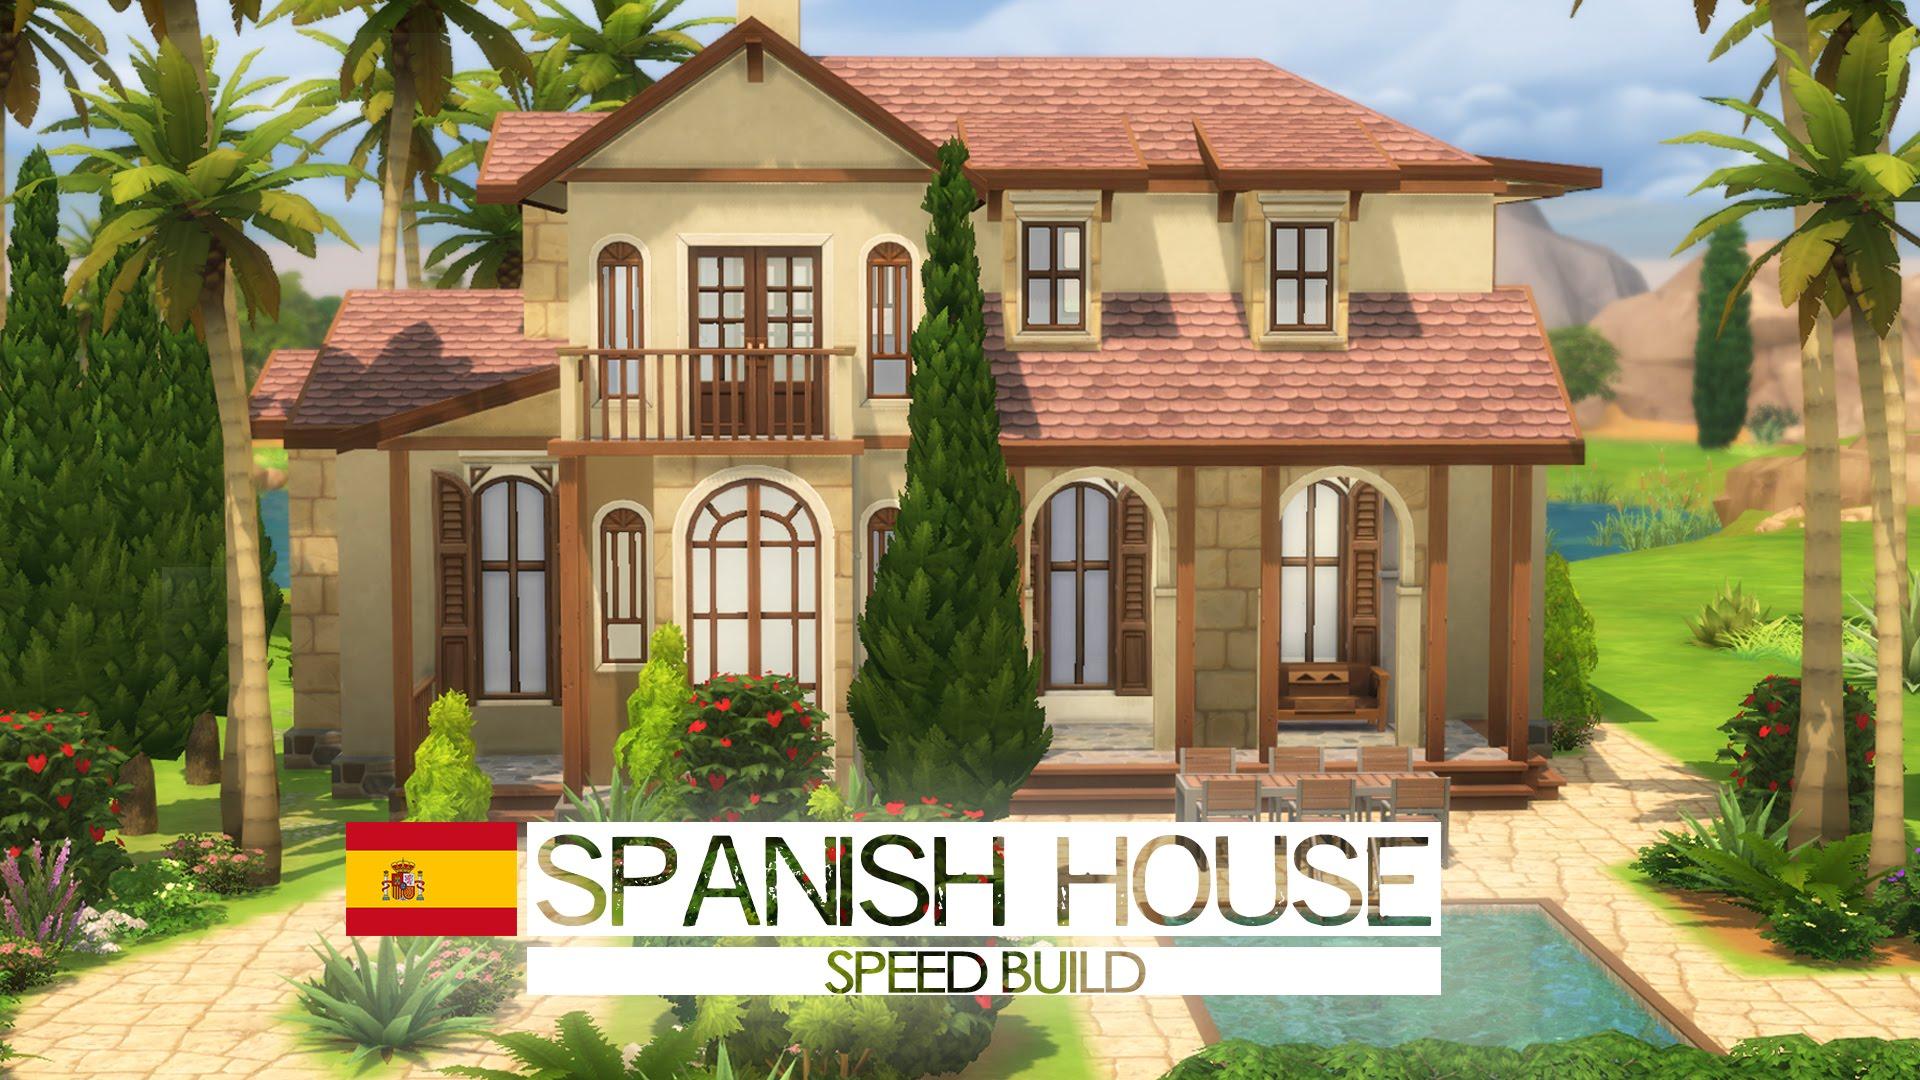 Spanish building facade photo